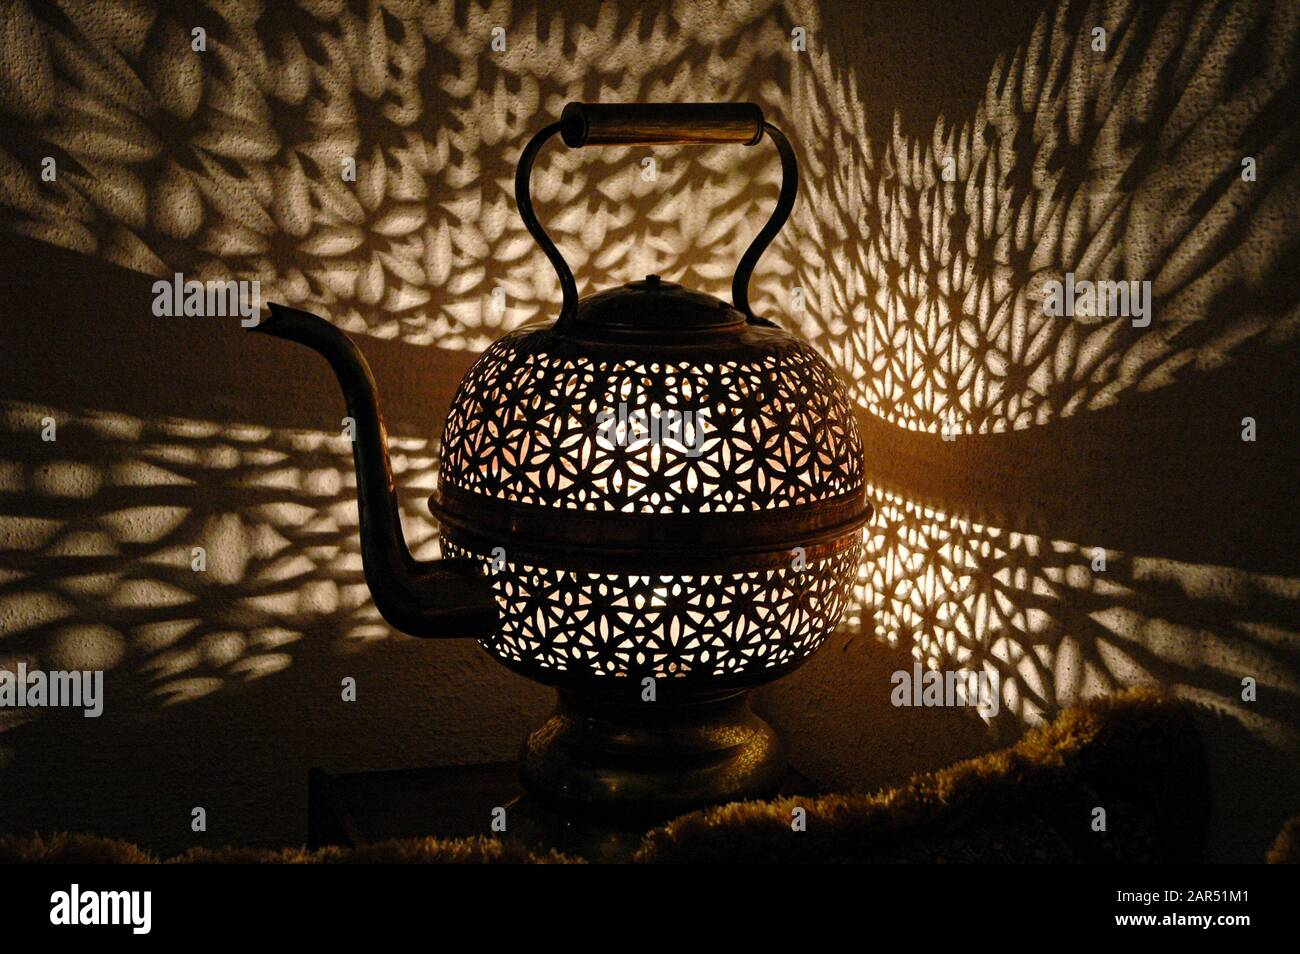 Moorish fretwork teapot lamp, Moroccan table lamp, Tetería, Salón de té, Córdoba, Andalucía, Spain Stock Photo